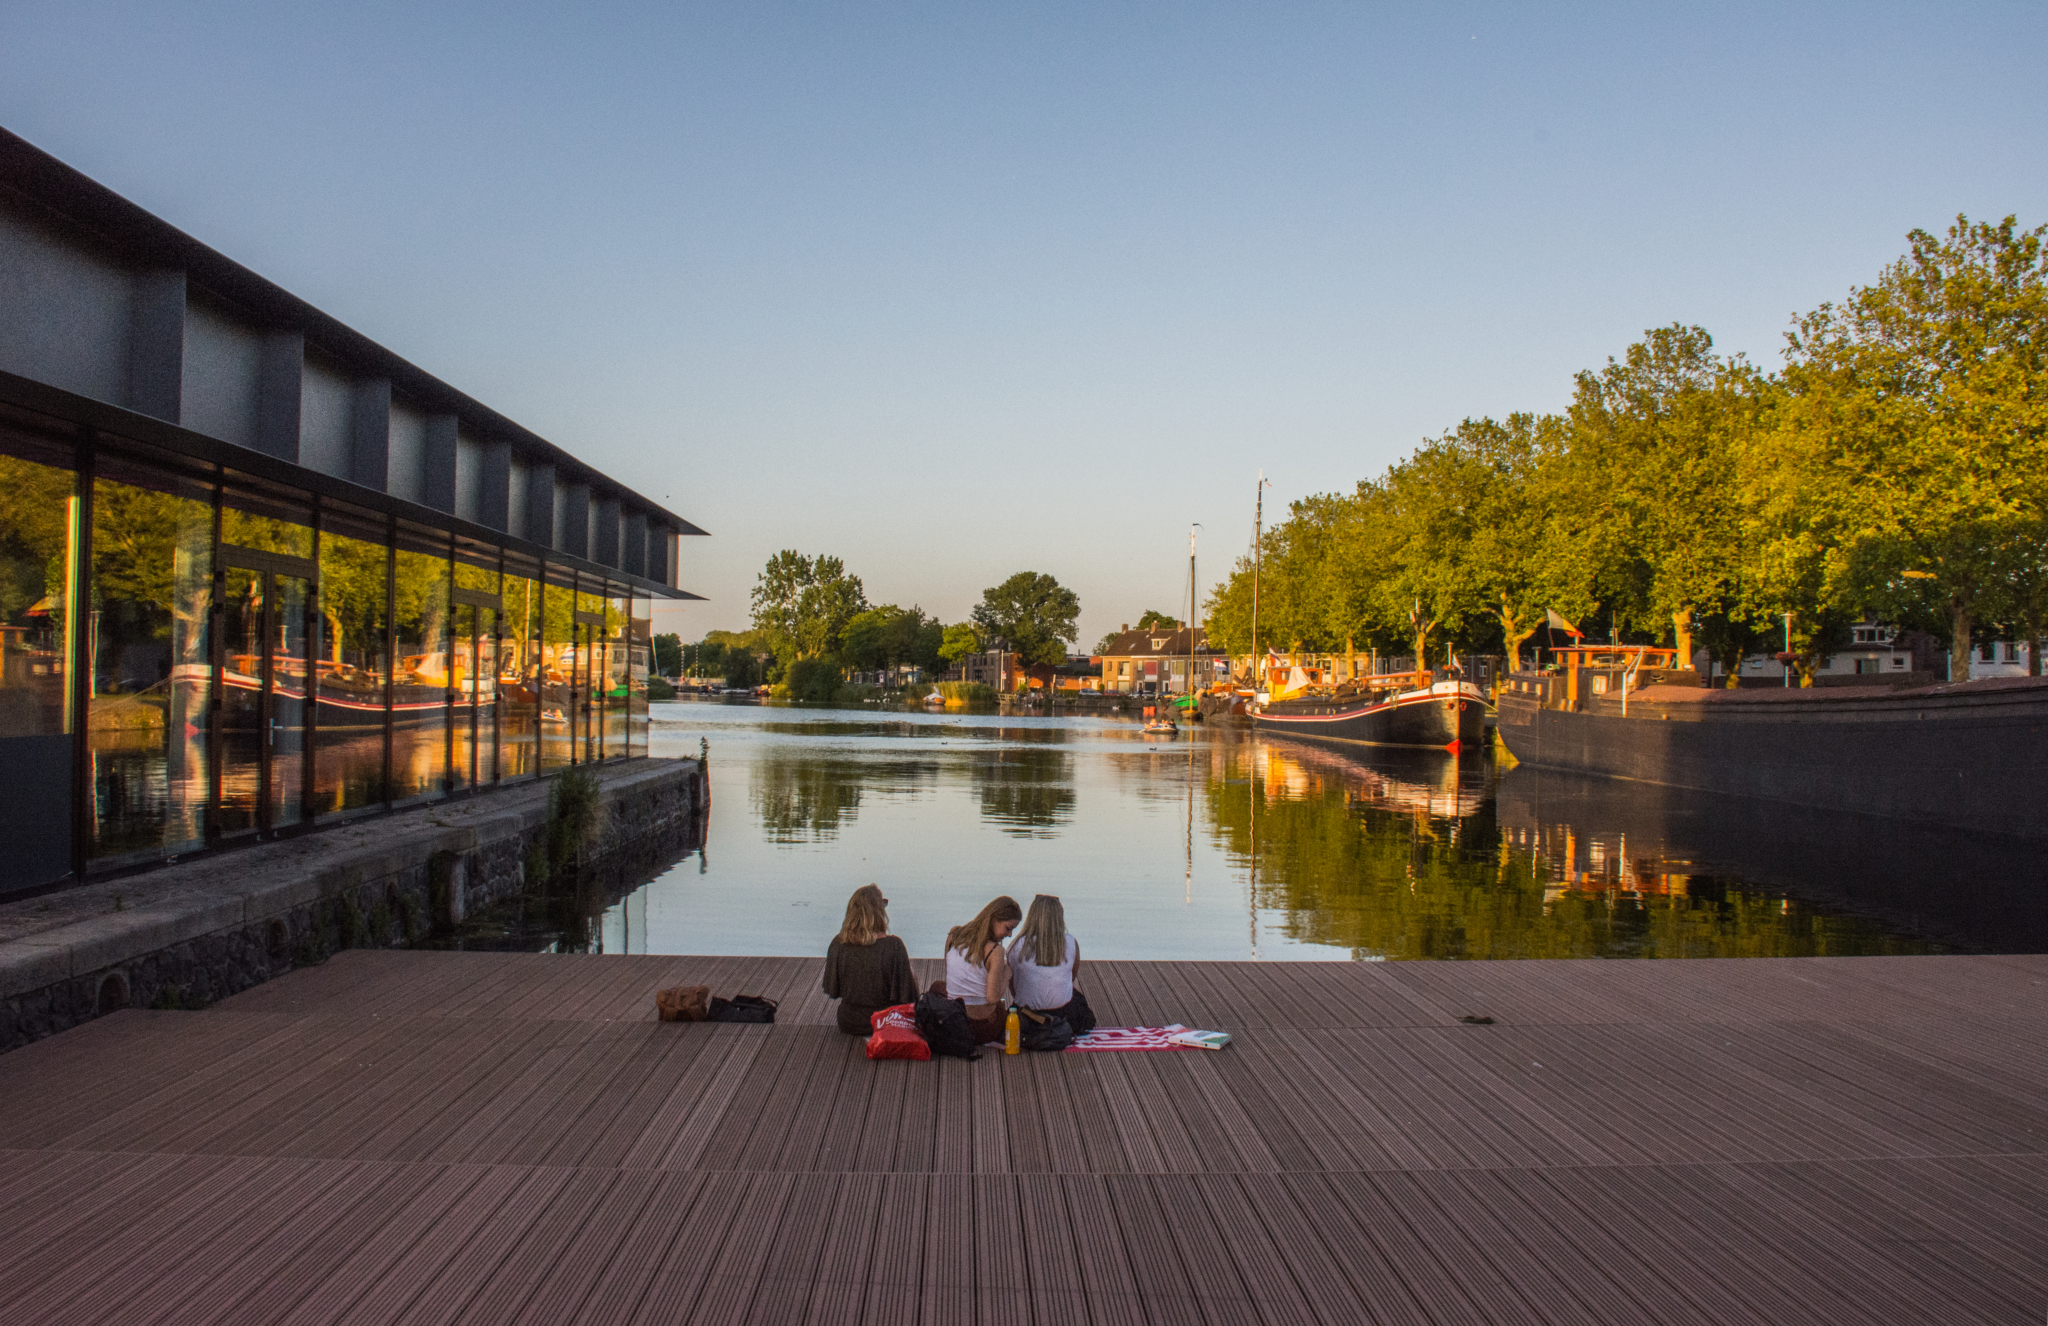 Genieten van het avondlicht in de haven van Tilburg.